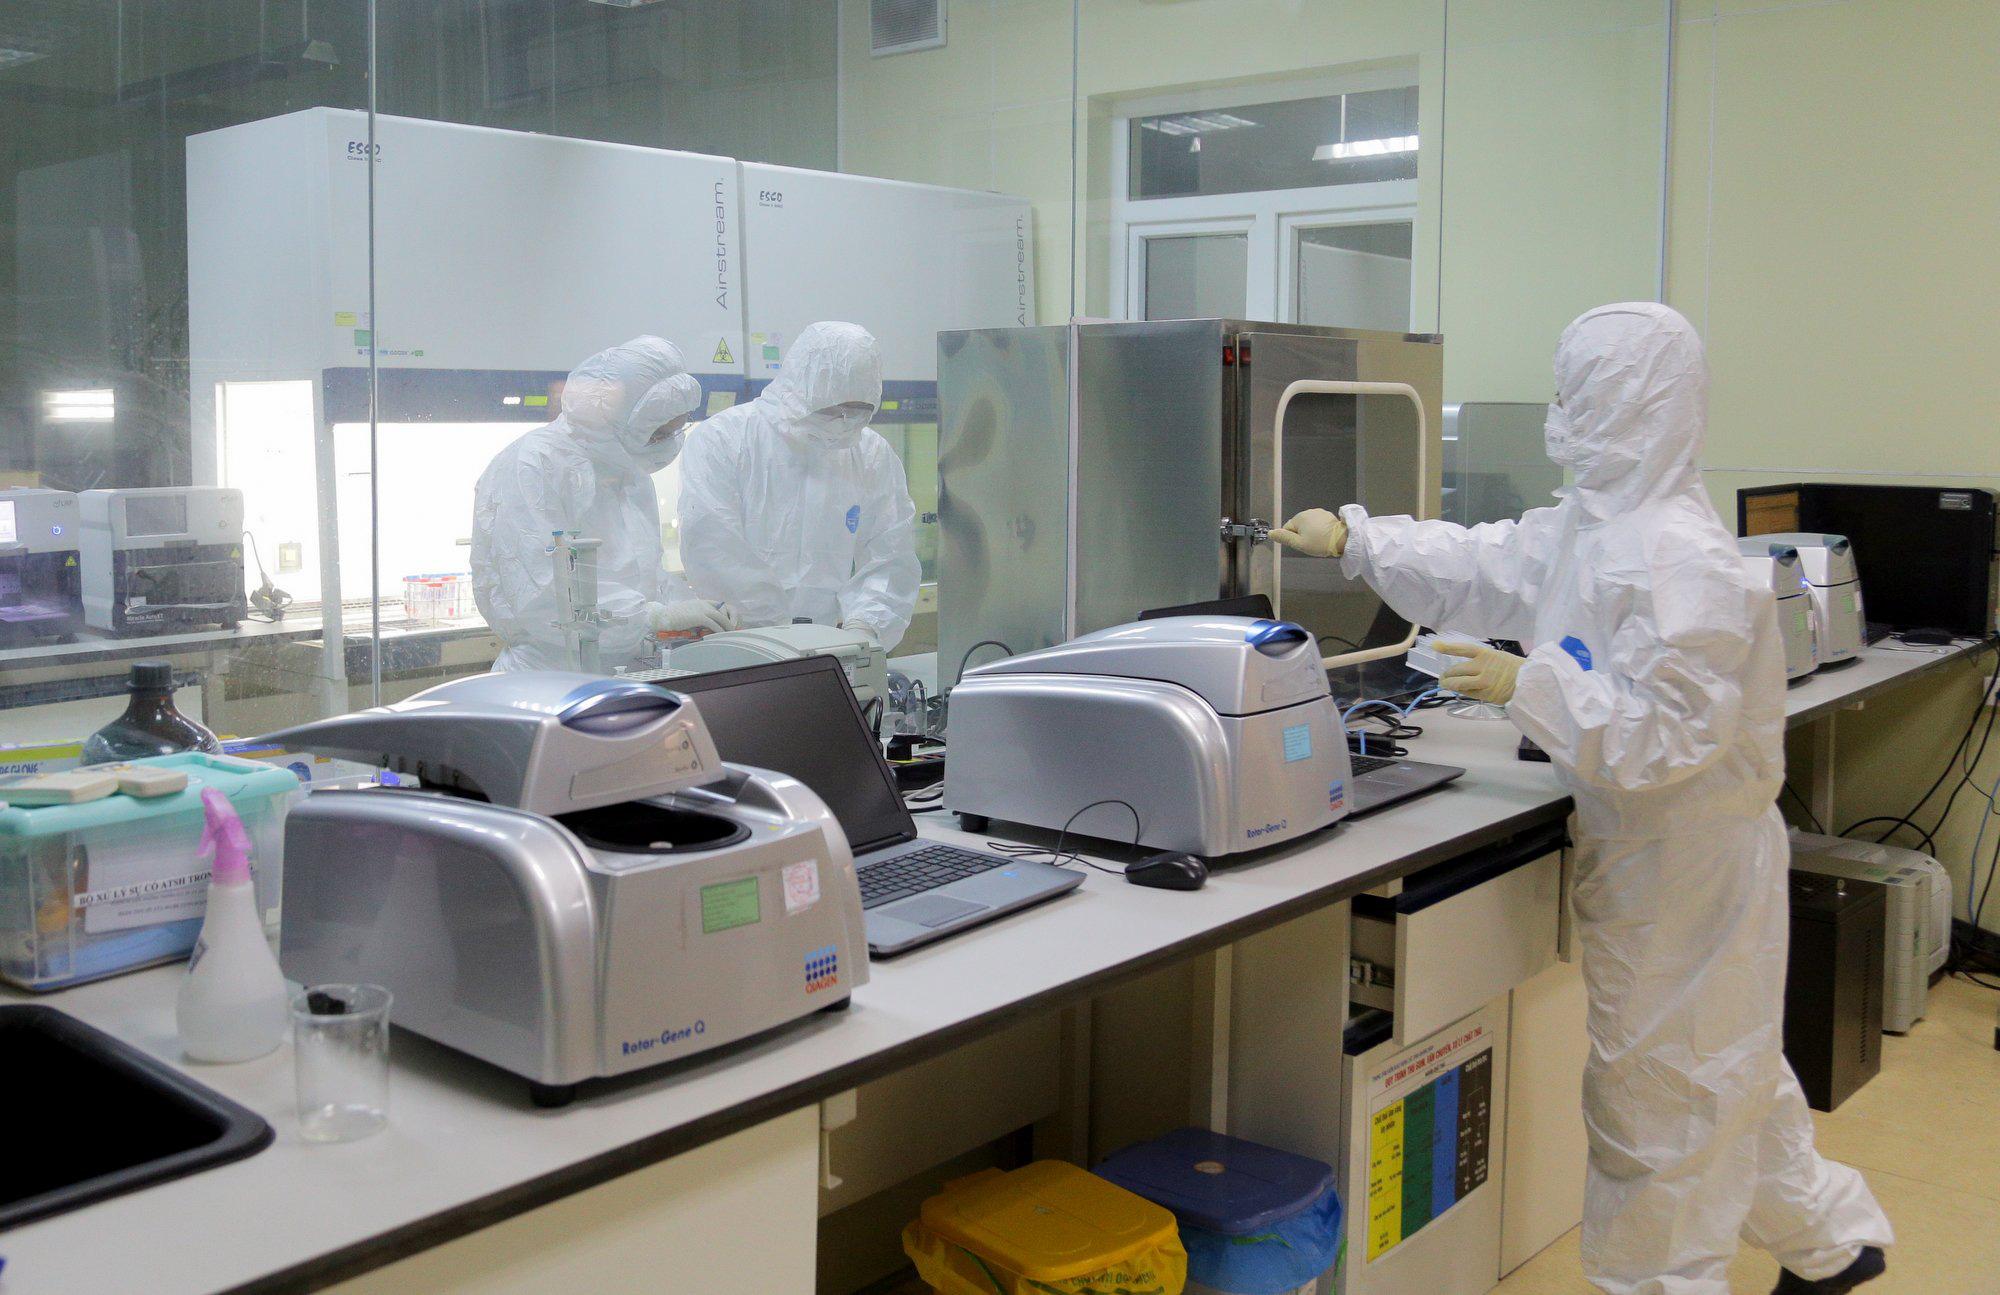 Thêm 10 ca nghi nhiễm Covid-19 ở Quảng Ninh - Ảnh 1.